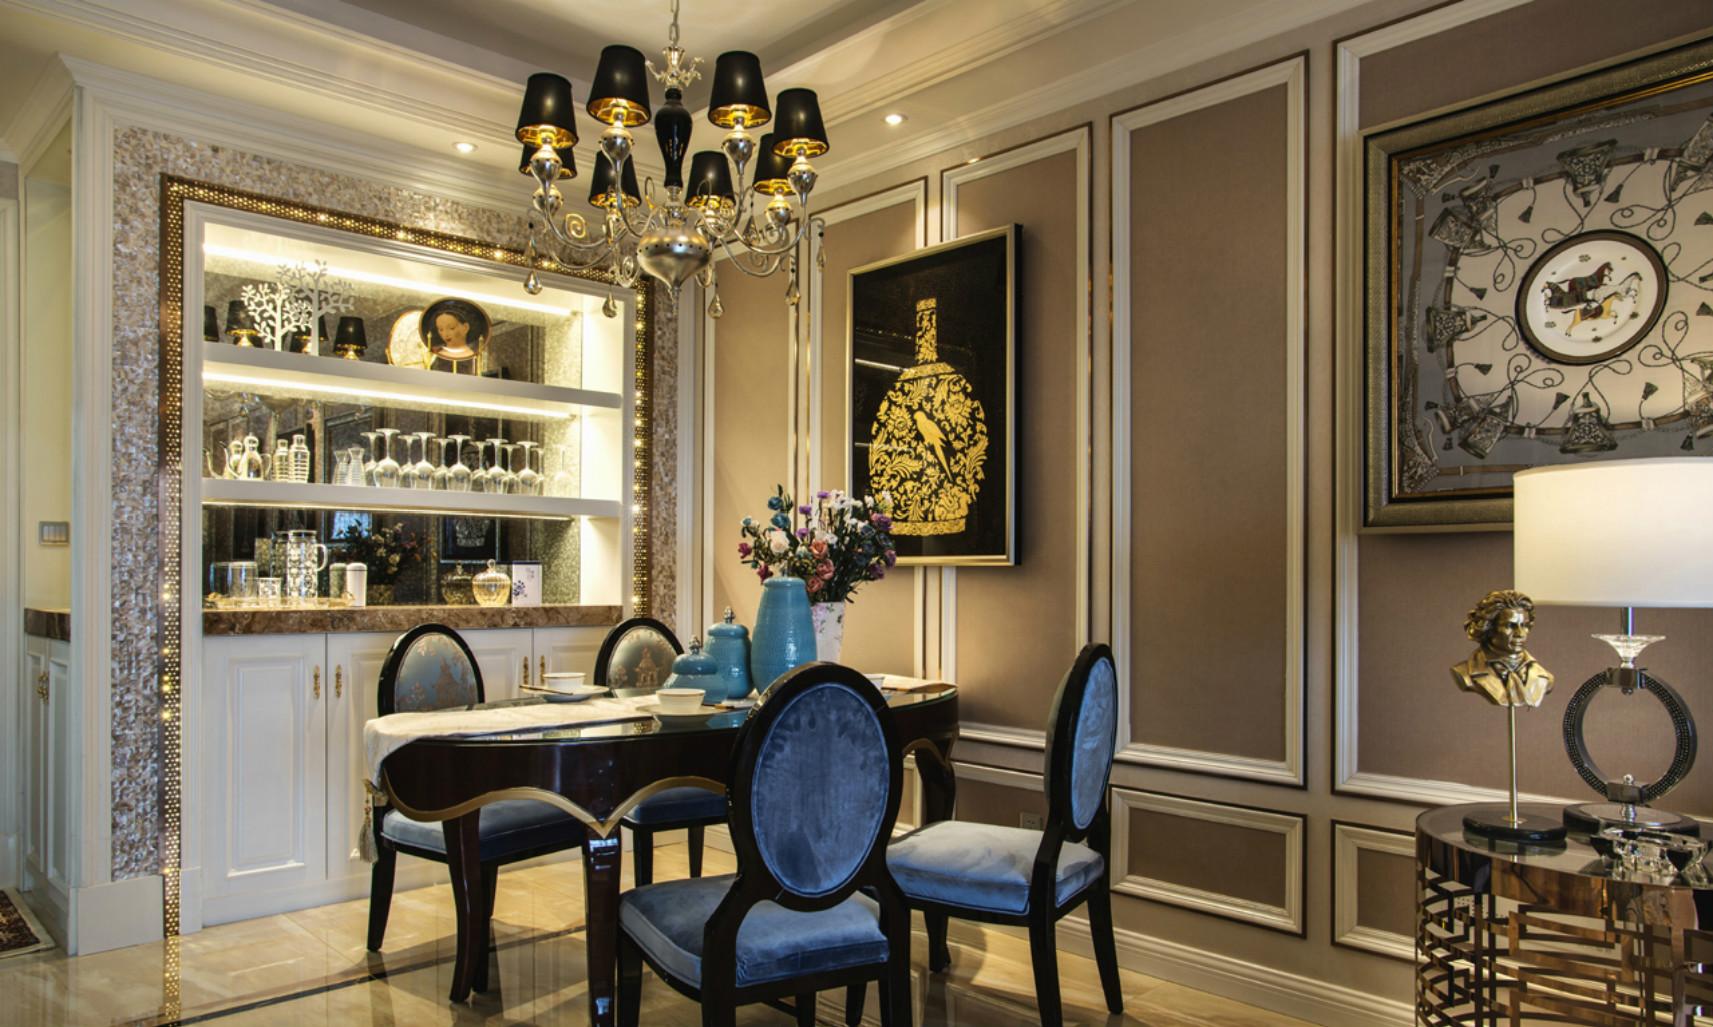 餐桌以木质为主,铜色的桌椅和蓝色的组合而成,简约大气